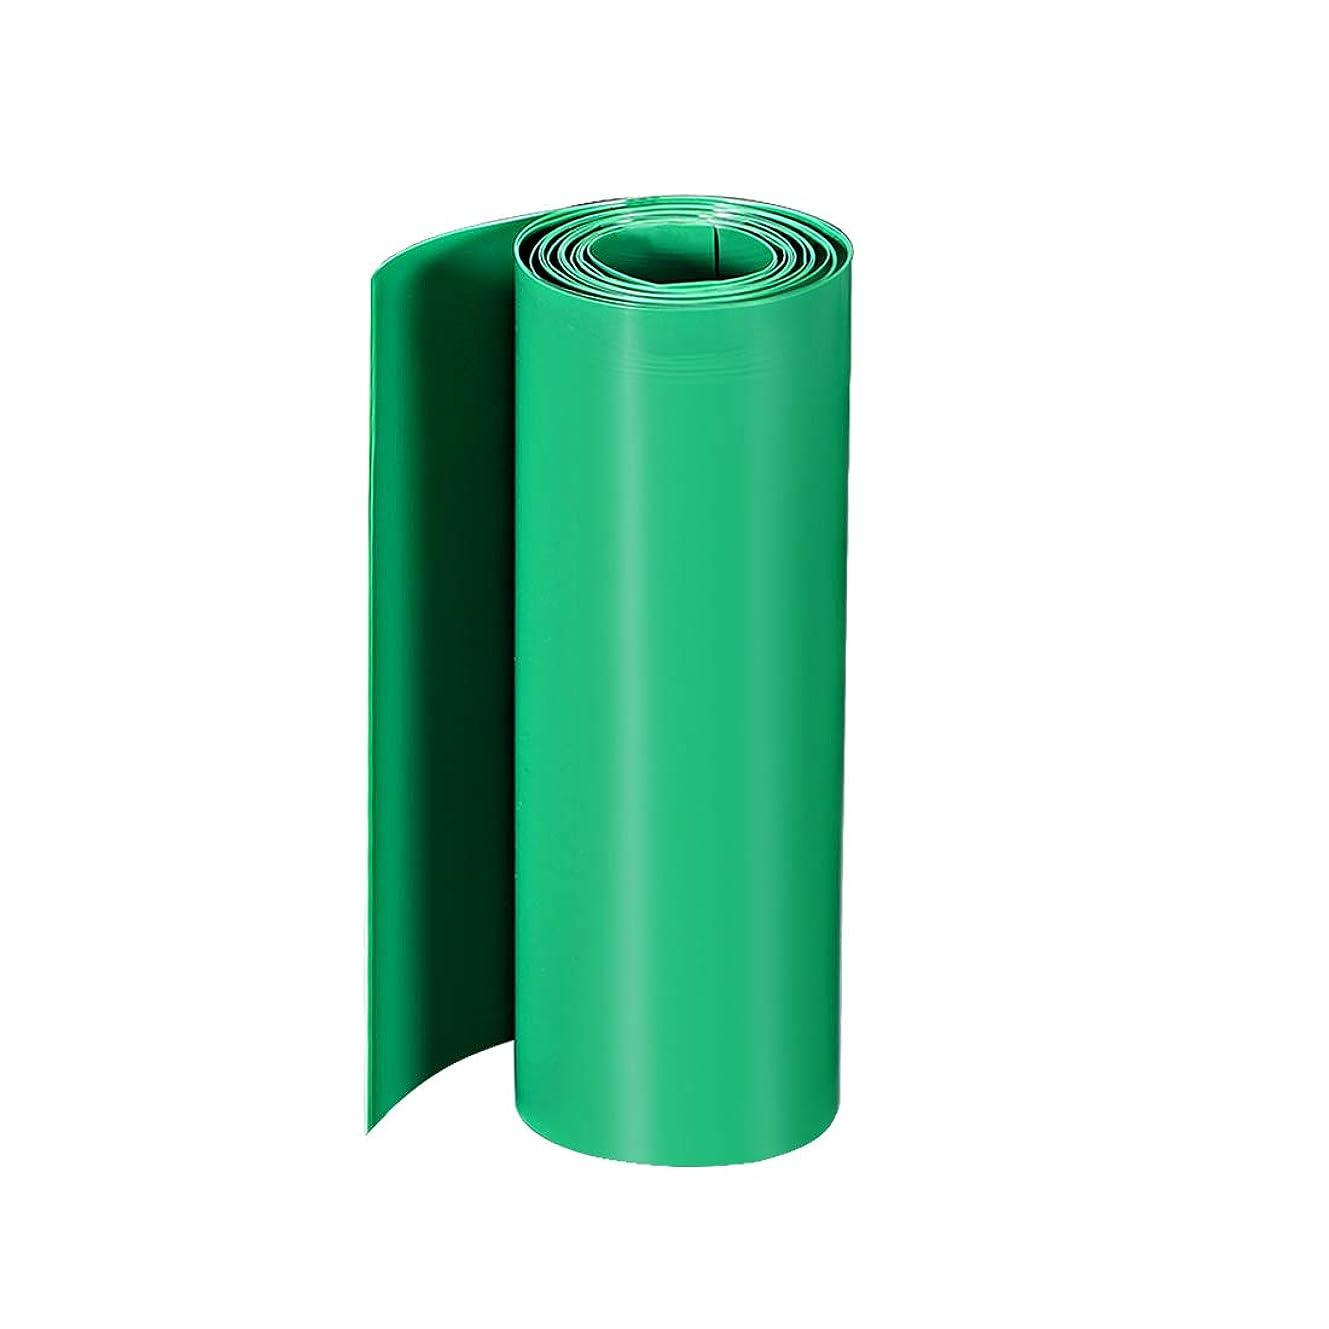 表面混合現金uxcell PVC熱収縮チューブ 160mmフラット幅 3 M ラップ デュアルレイヤー18650用 グリーン